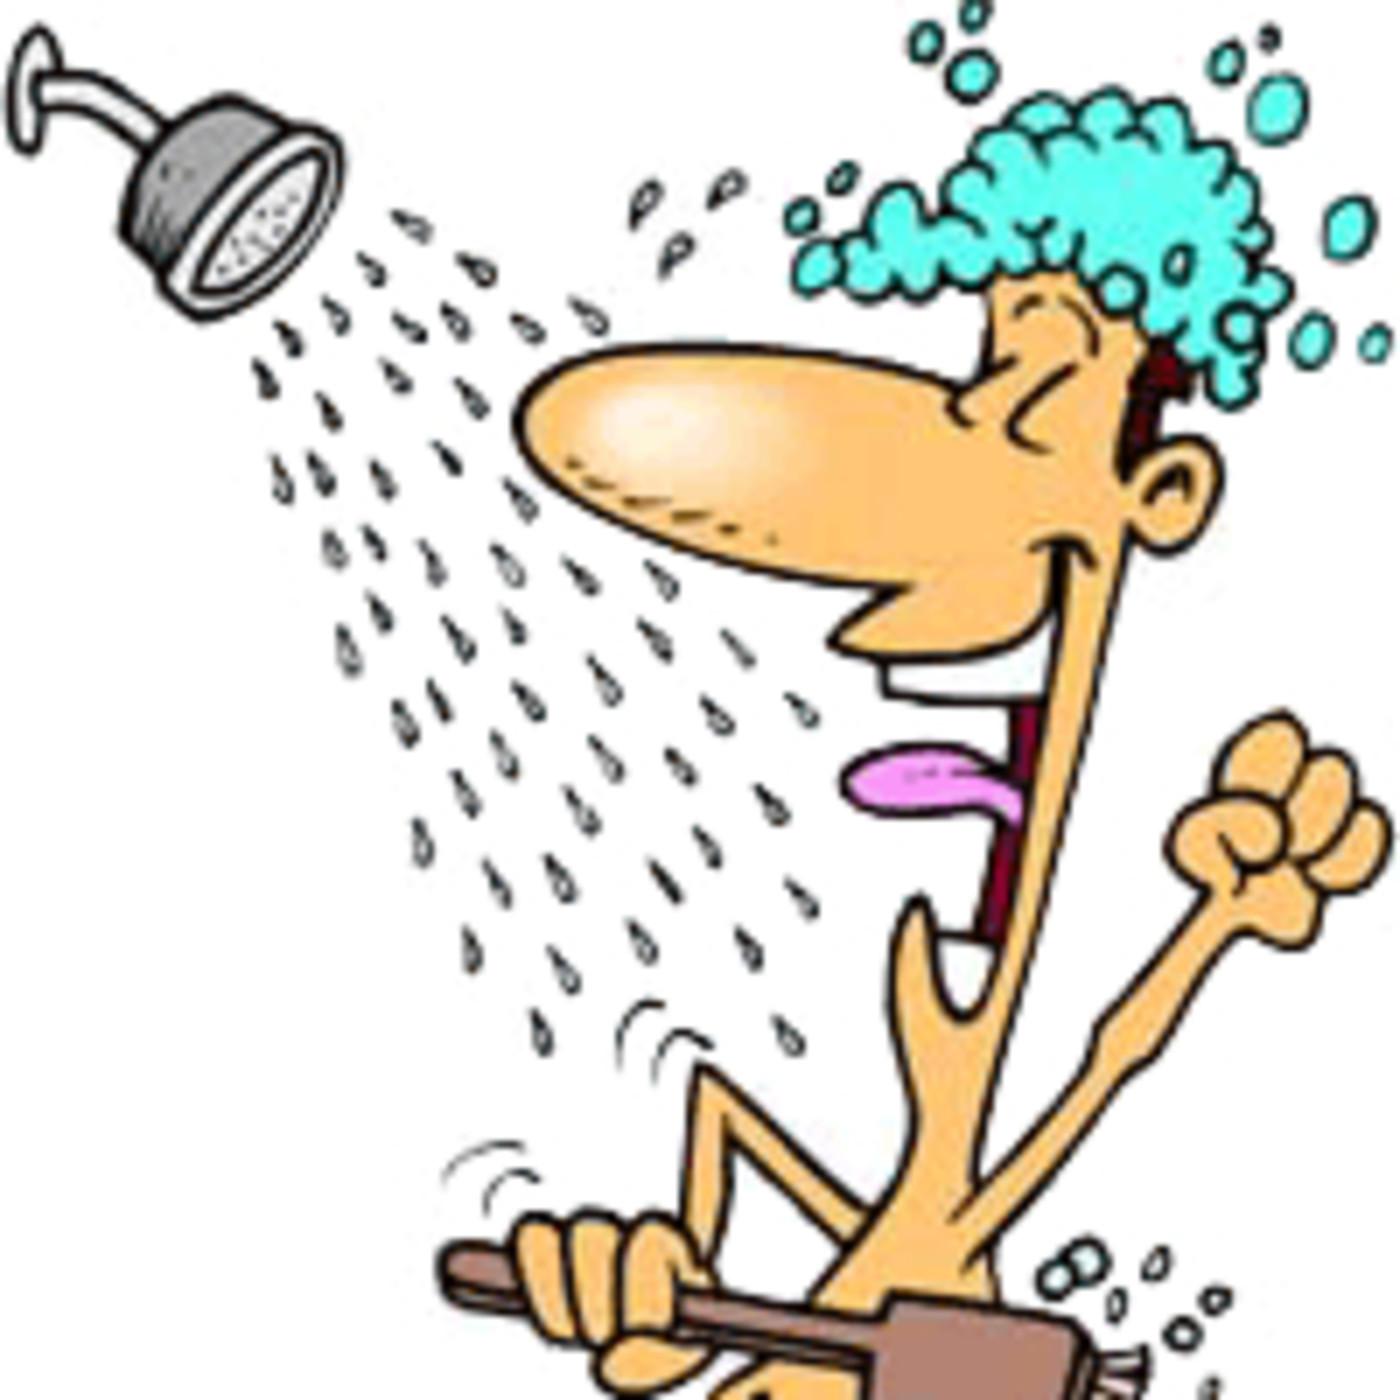 Ducha en radio escucha sonidos en mp3 12 10 a las 00 39 57 00 53 13277640 ivoox - Comment prendre une douche rapidement ...